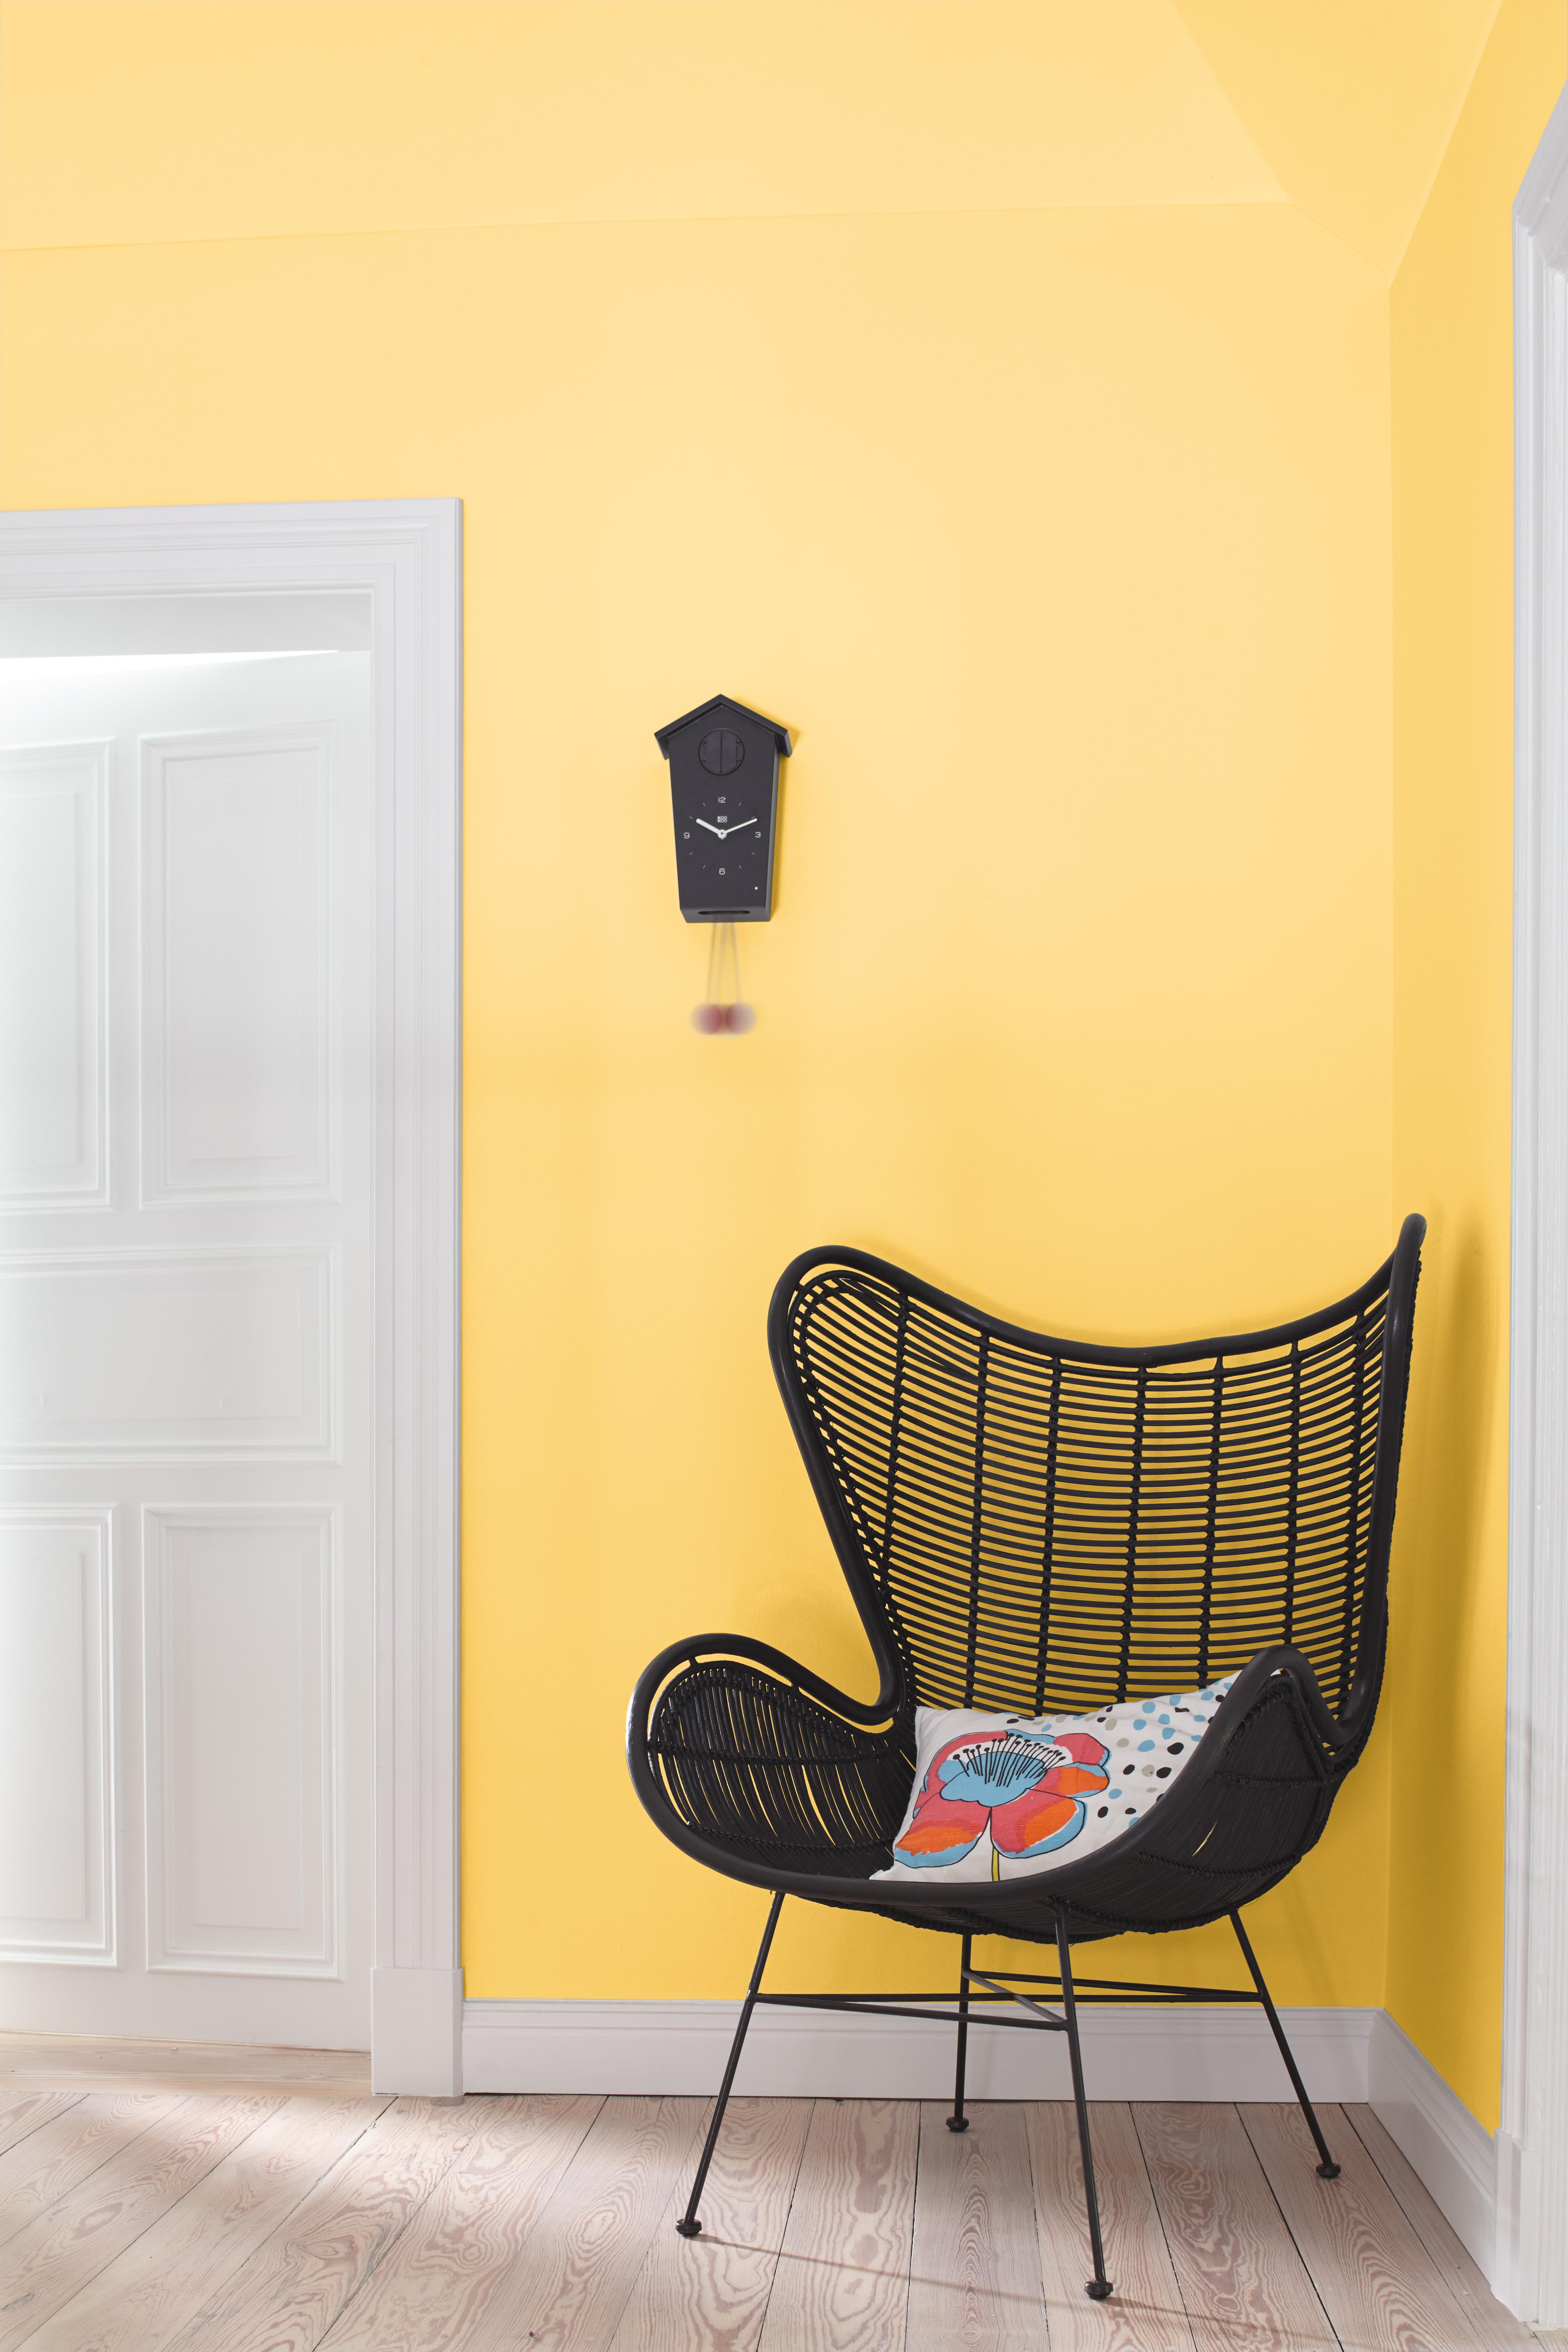 ver nderte farbwirkung in r umen durch licht alpina farbe einrichten. Black Bedroom Furniture Sets. Home Design Ideas